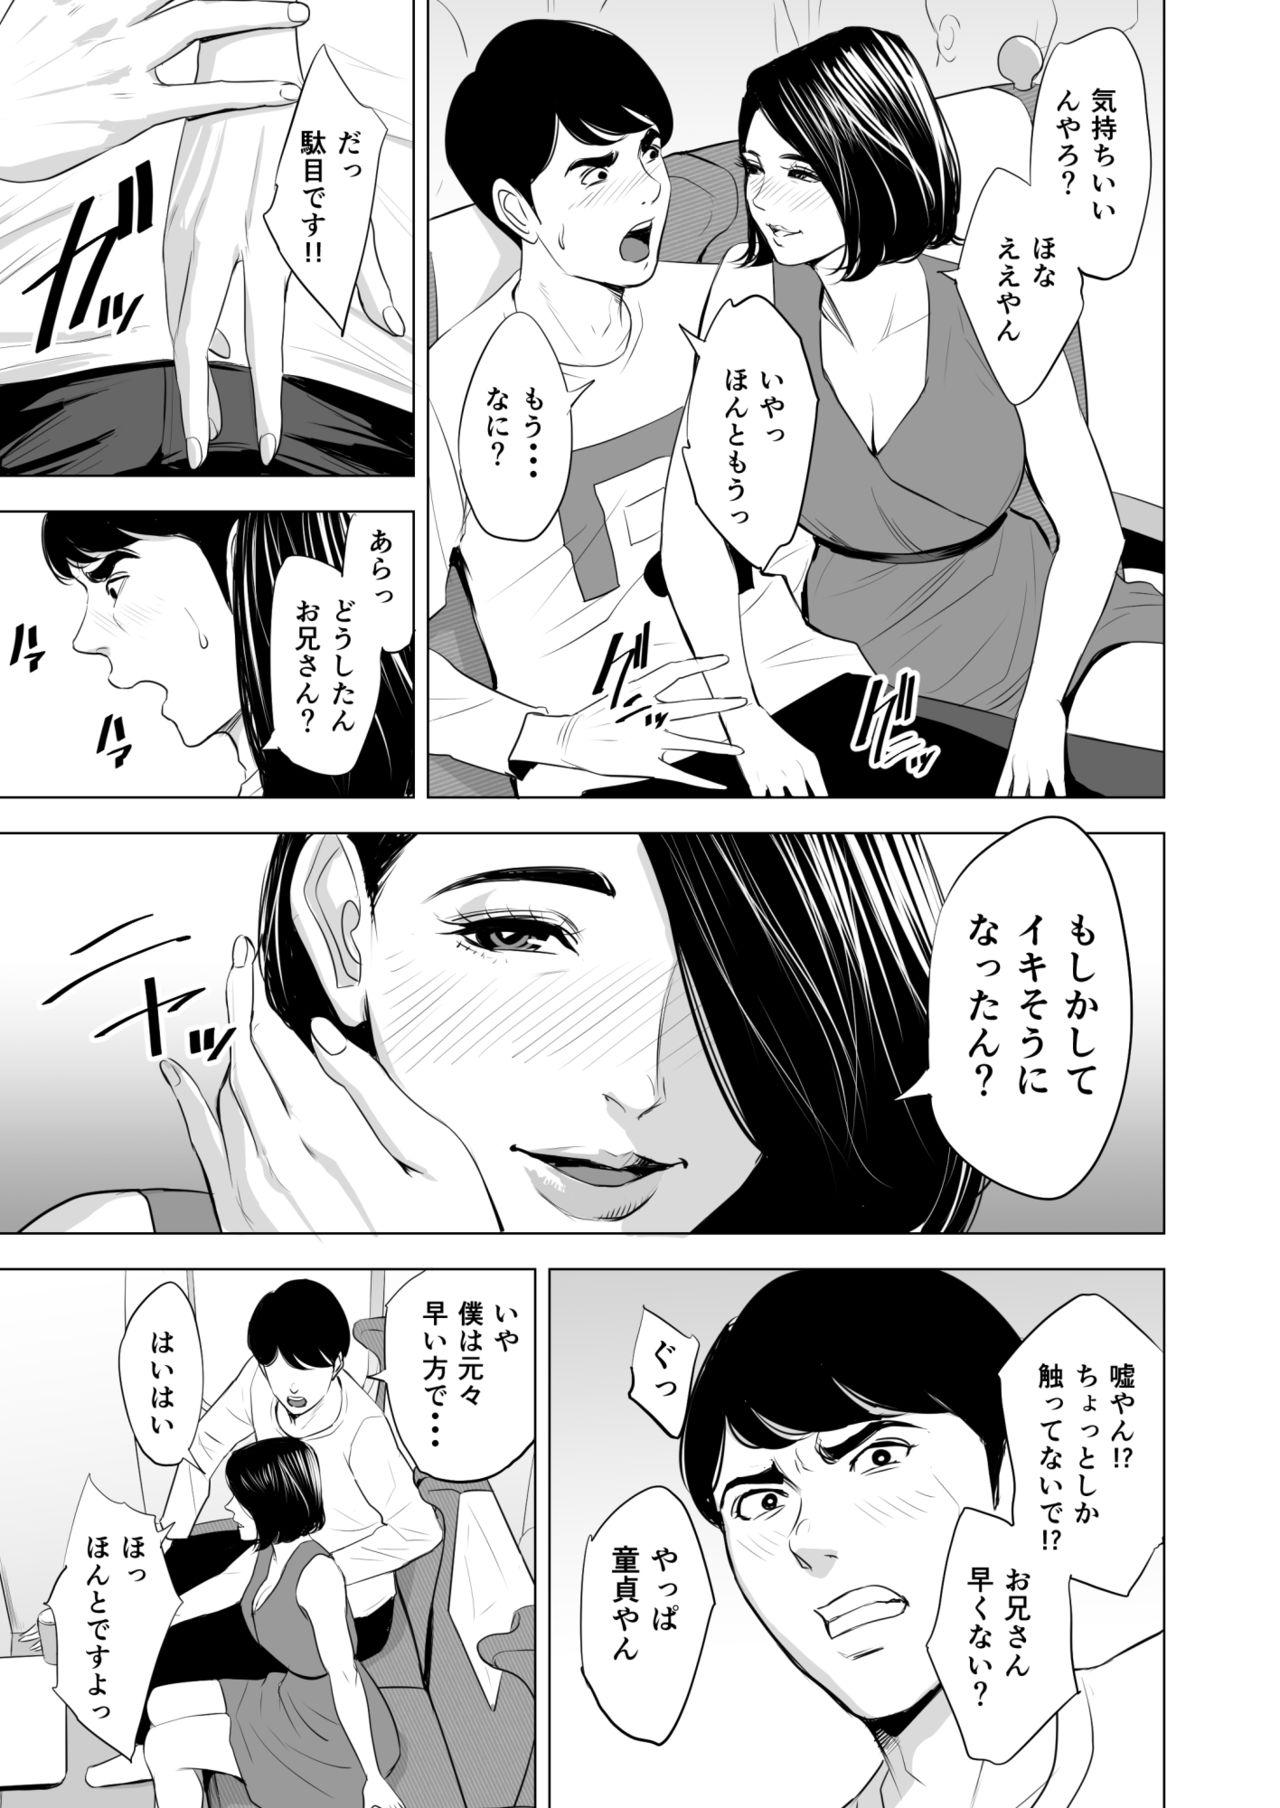 Shinkansen de Nani shiteru!? 18